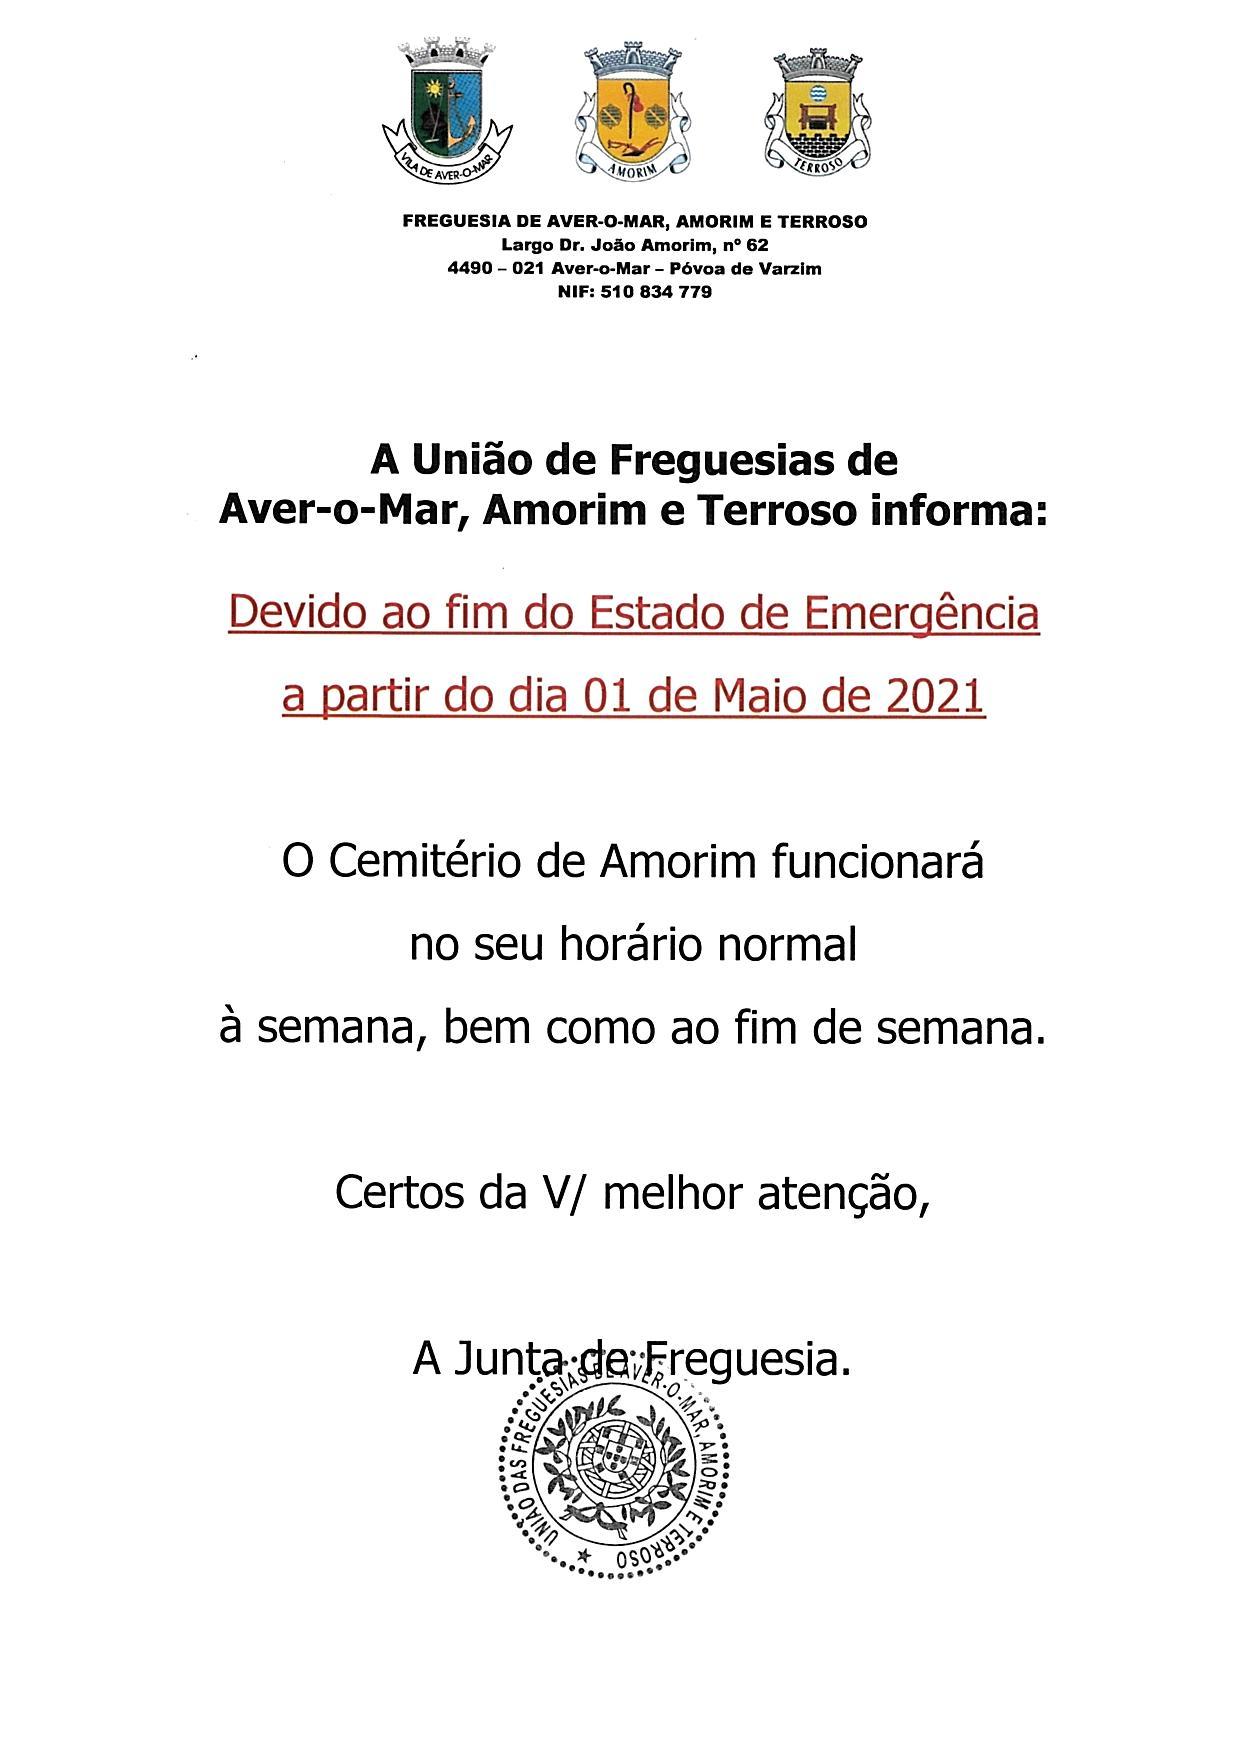 HORÁRIO DE FUNCIONAMENTO DO CEMITÉRIO DE AMORIM